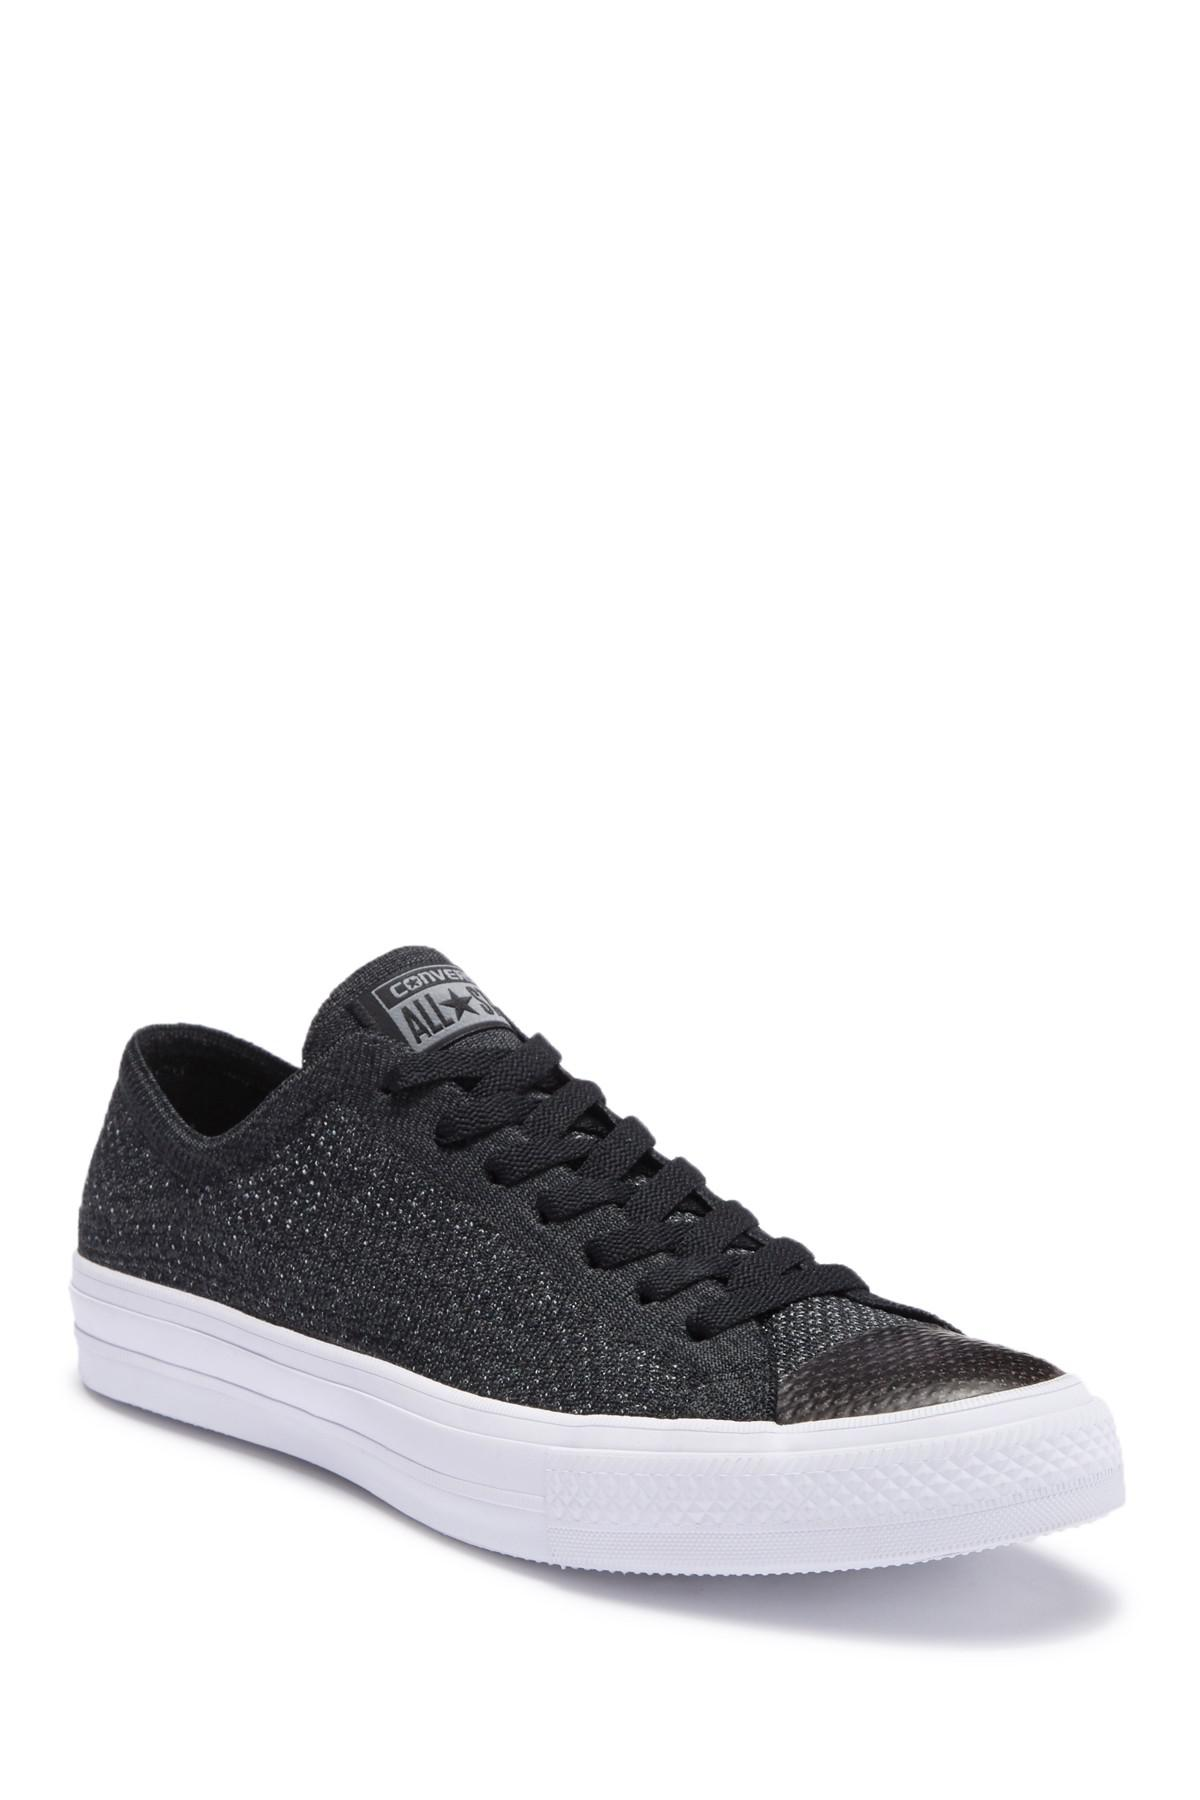 15adba9e58ee Lyst - Converse All Star Flyknit Sneaker in Black for Men